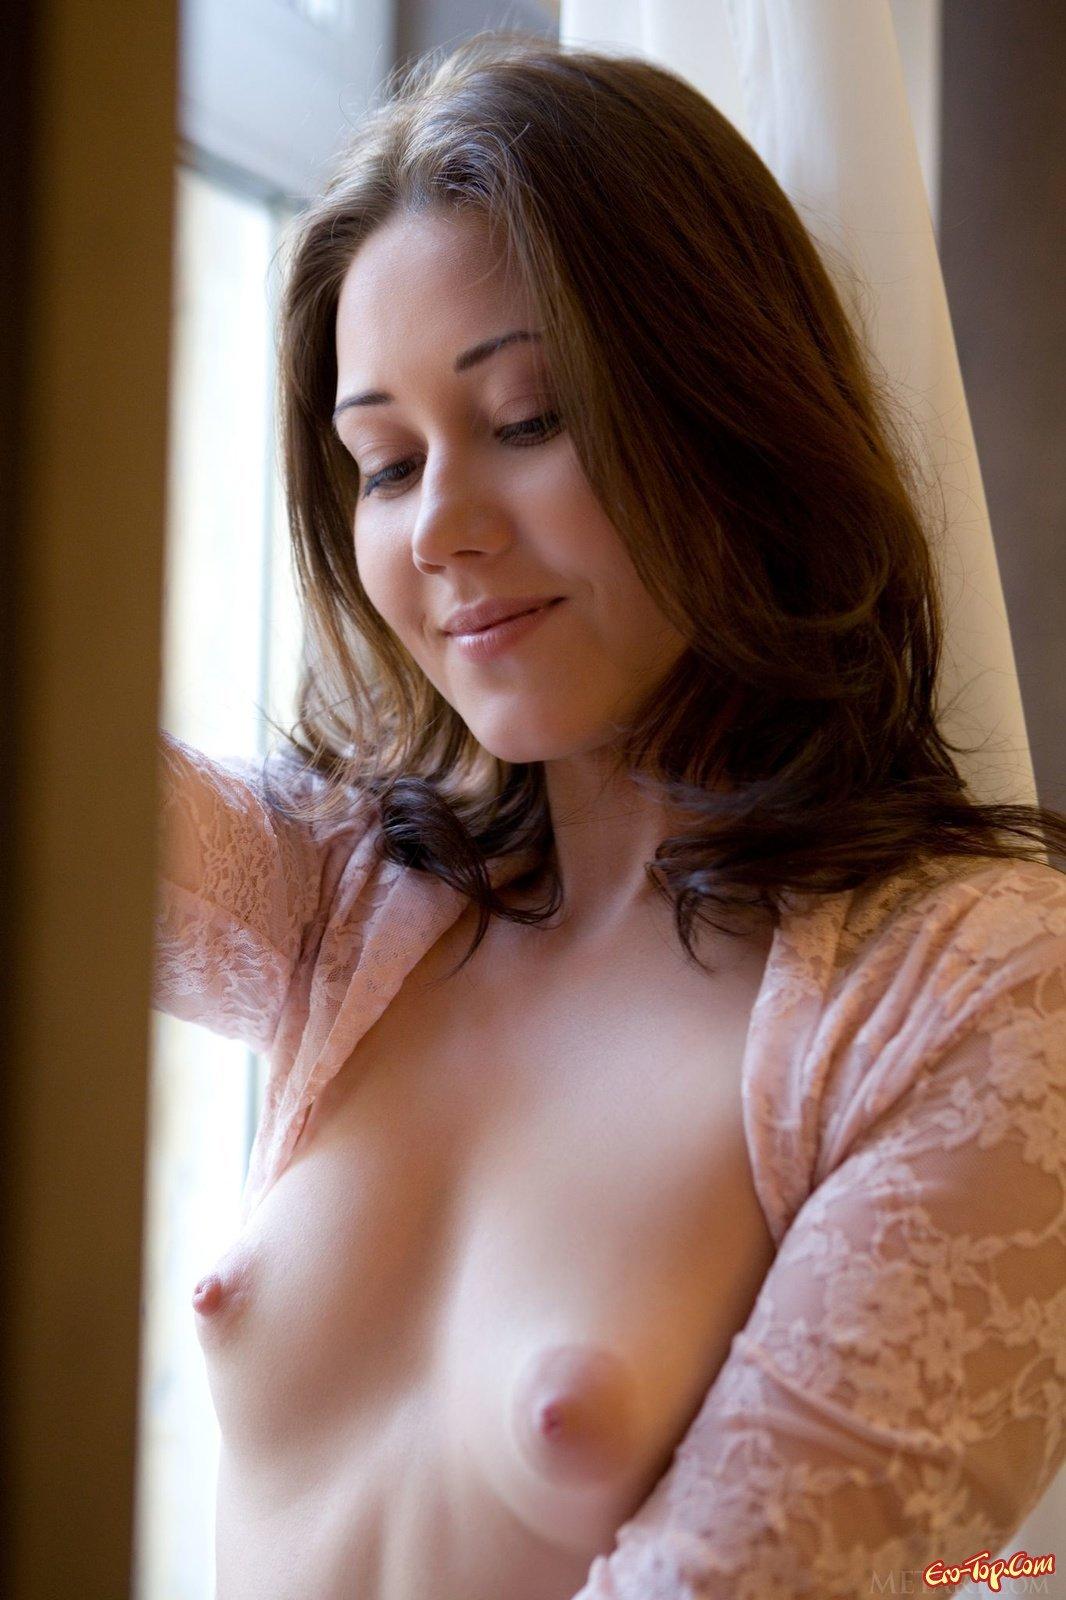 Красоточка светит лохматой киской в душе кабинке смотреть эротику